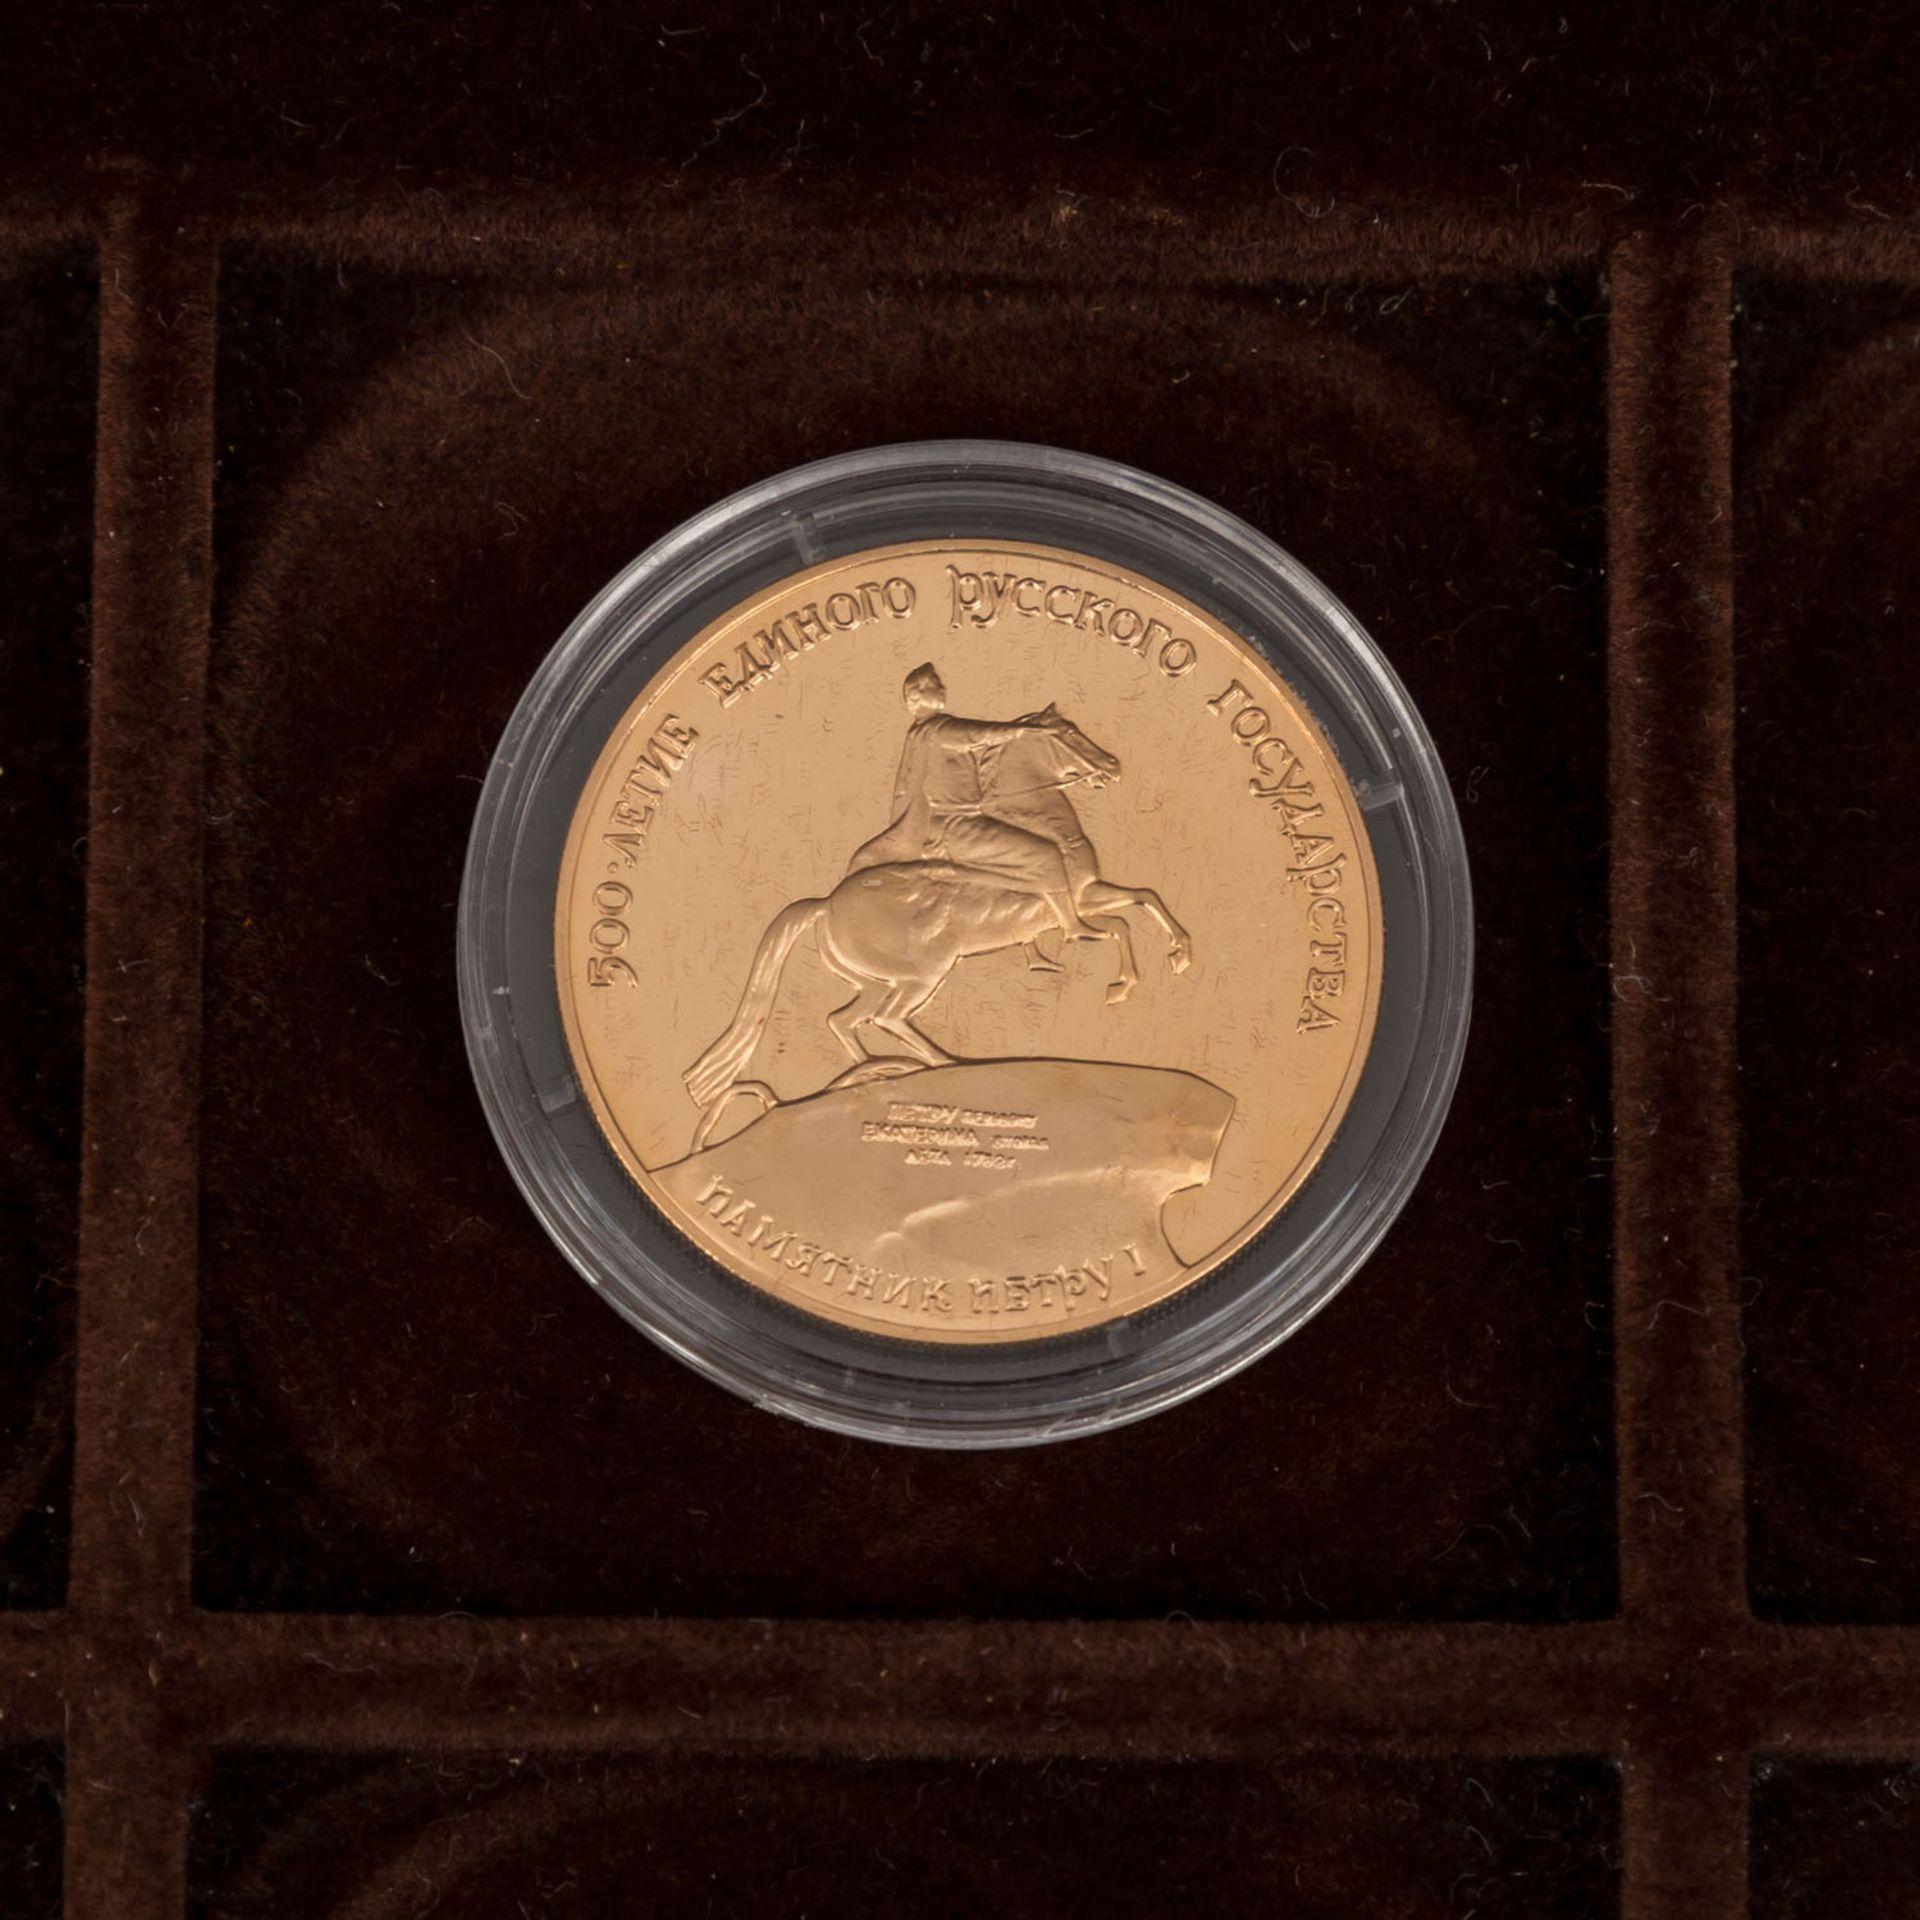 GOLDSCHATZ ca. 83 g fein, Holzkiste bestehend aus - Bild 3 aus 9